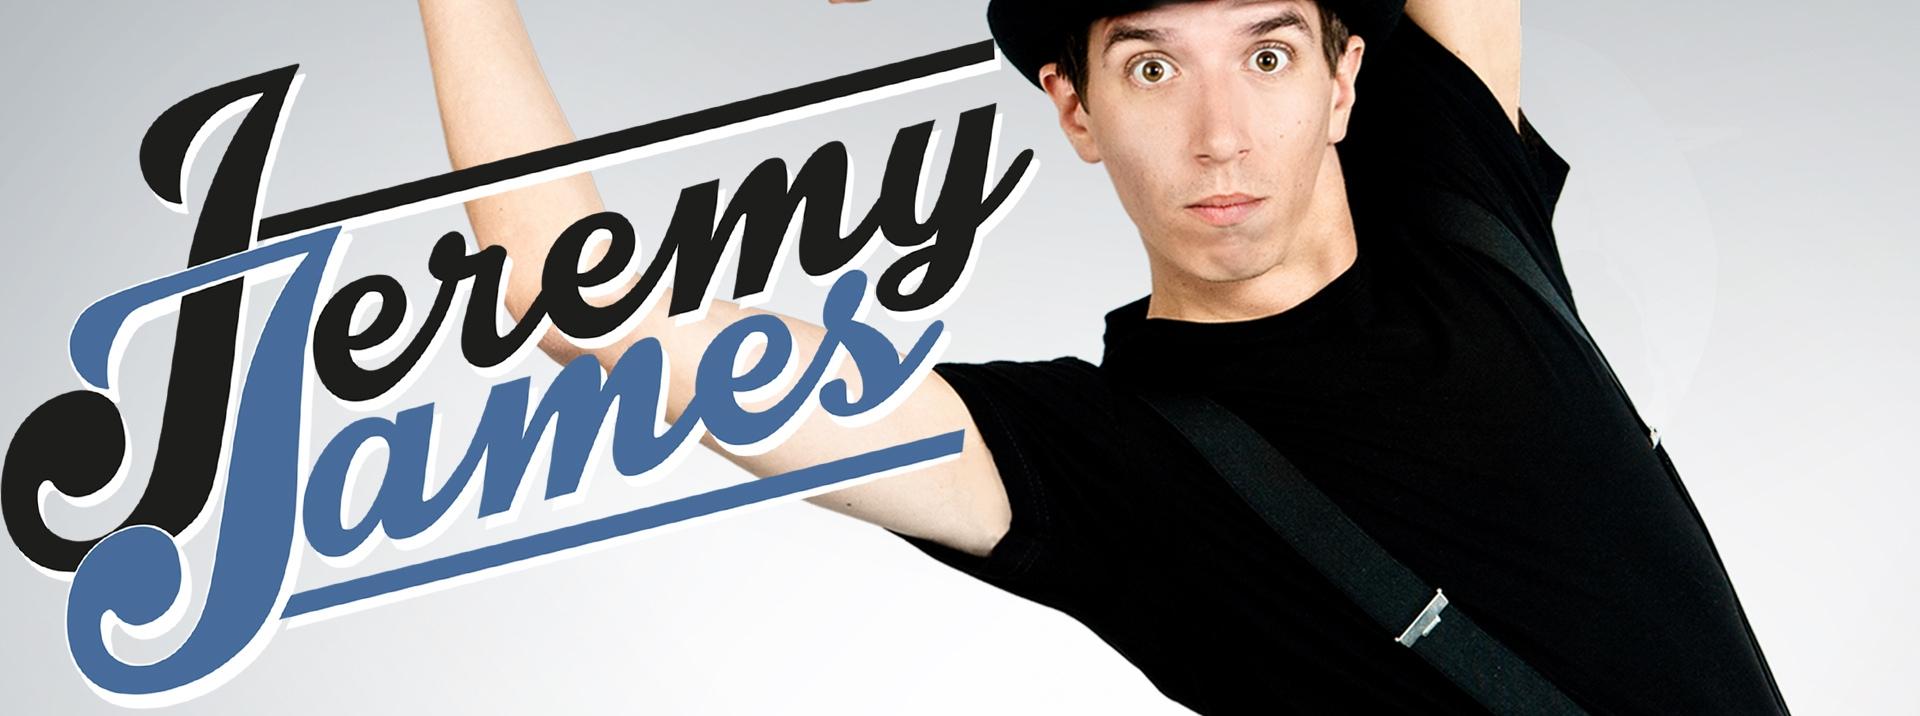 Jérémy James dans la programmation spectacle de Nantes